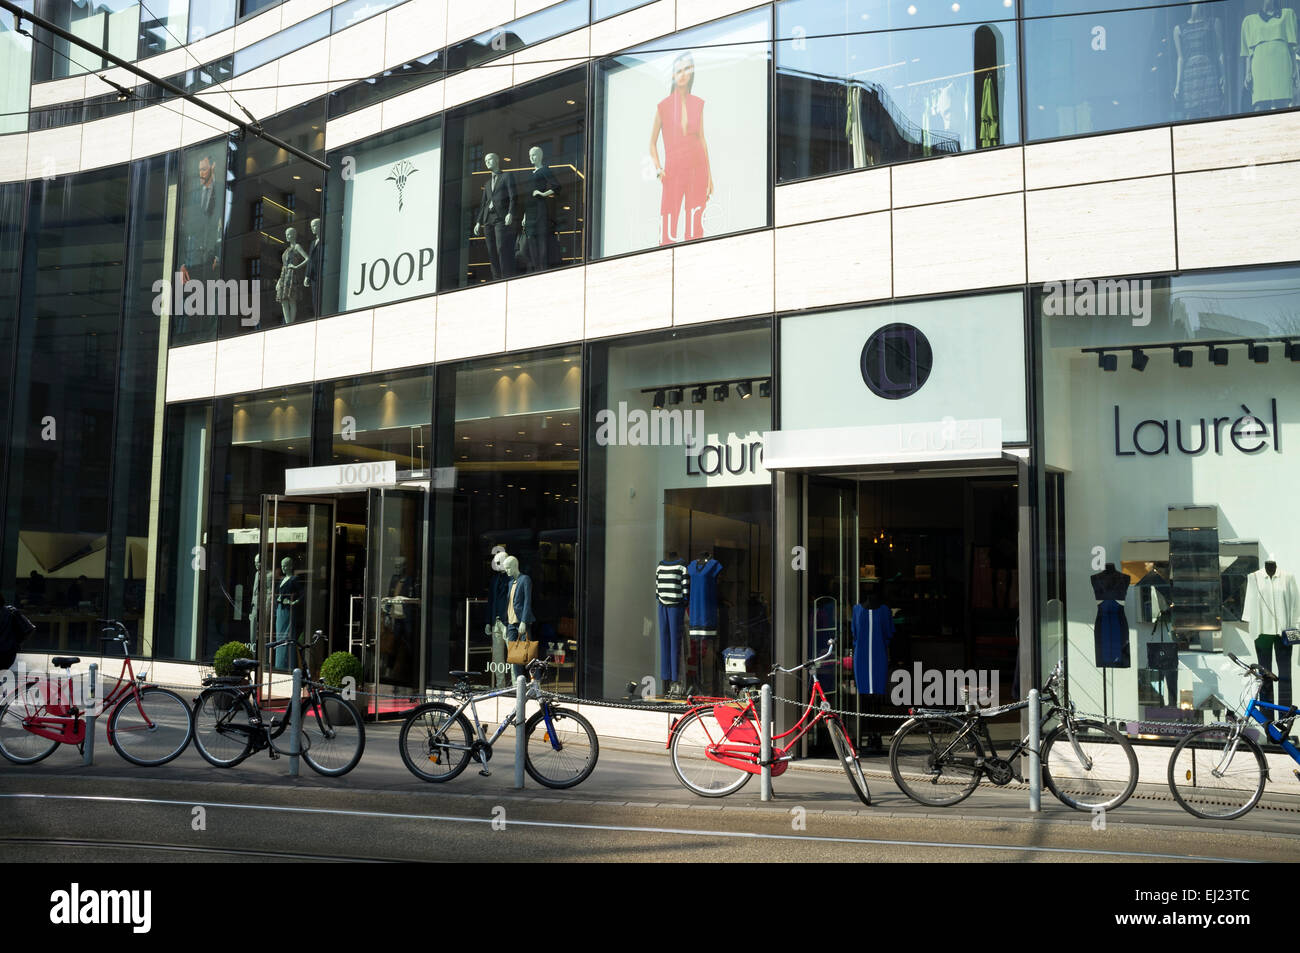 Joop & Laurel department stores, Dusseldorf, Germany. - Stock Image